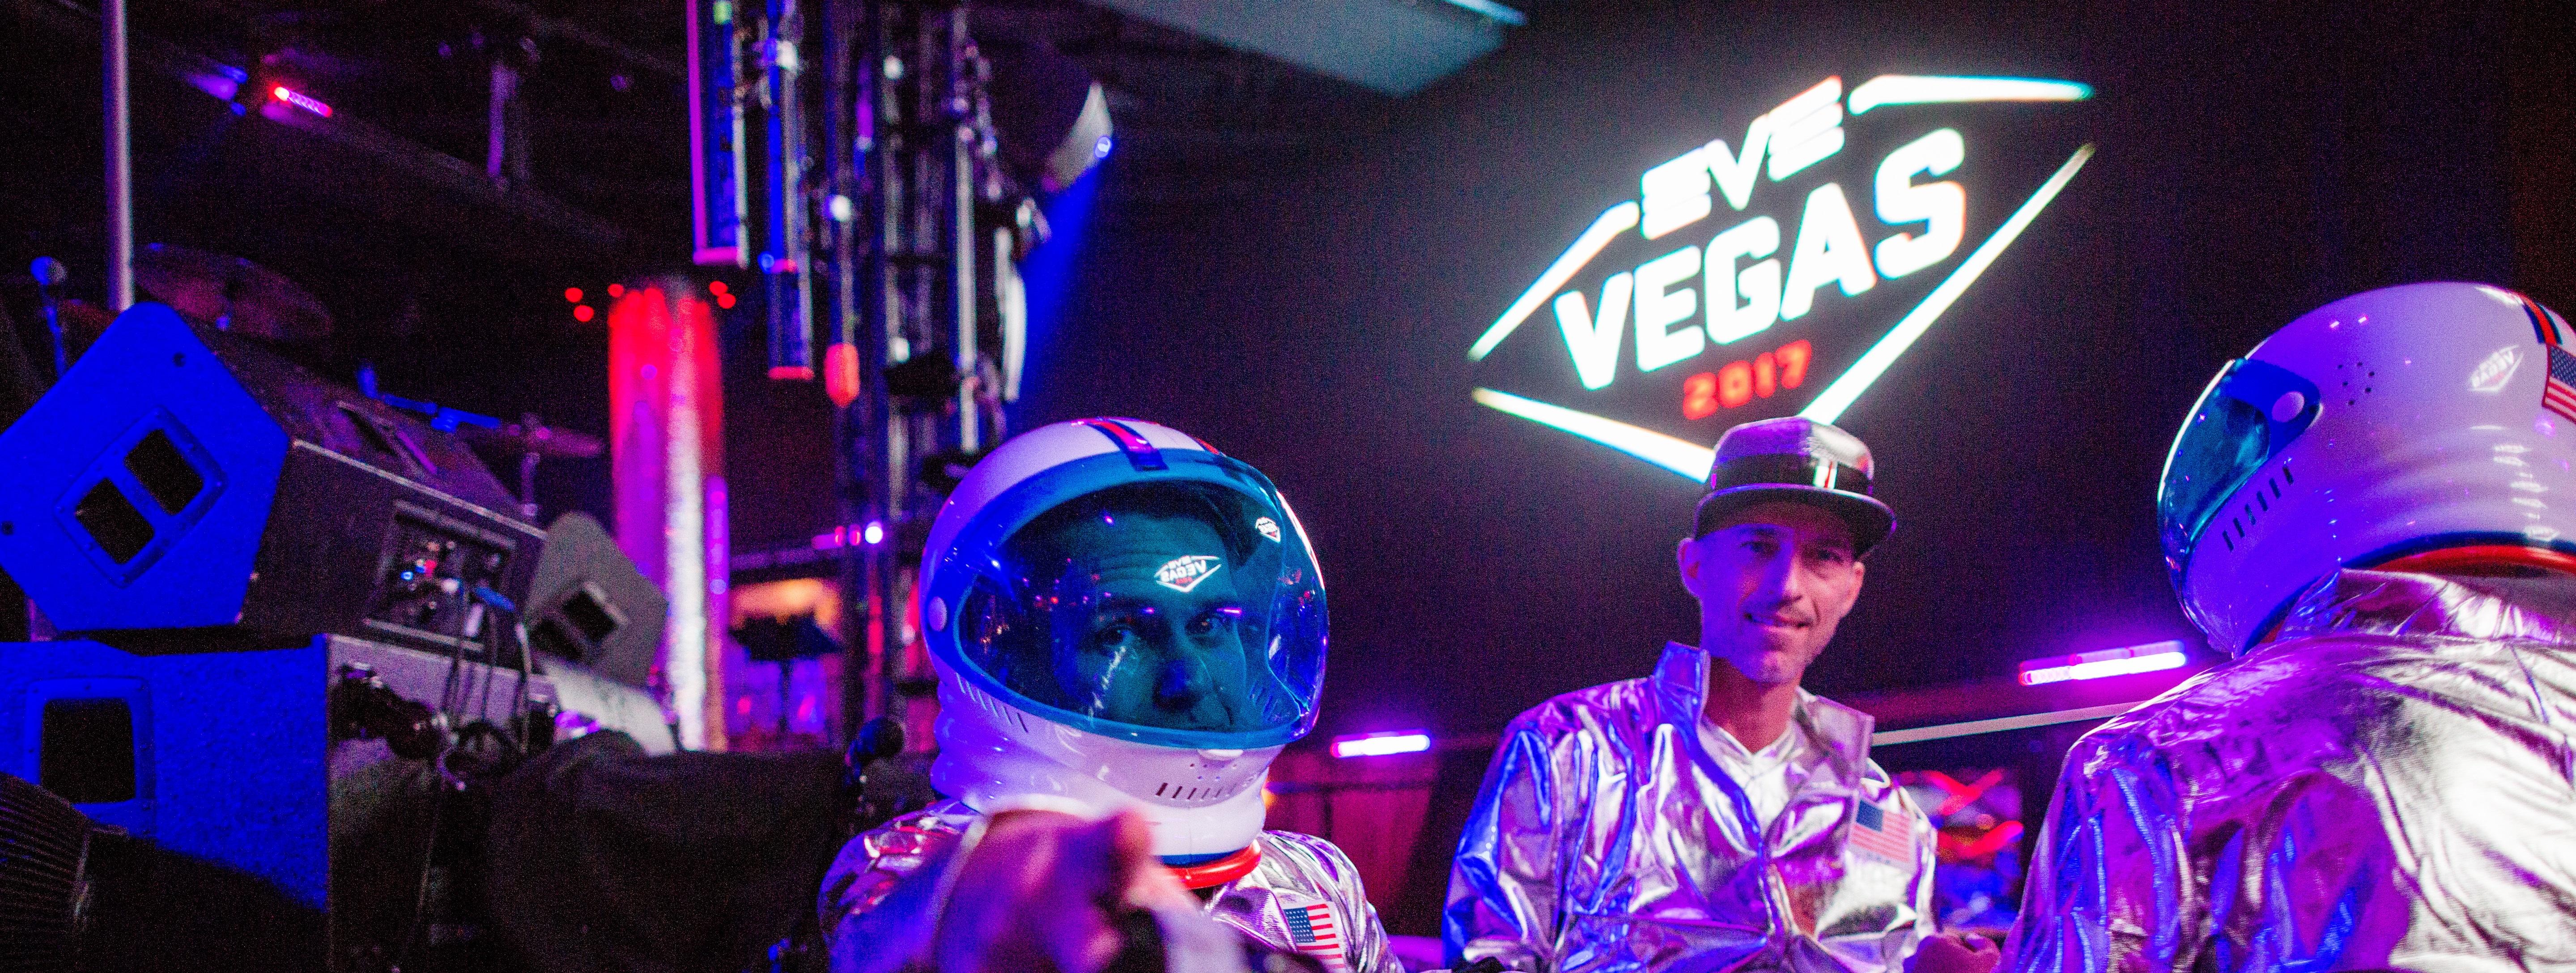 Eve Vegas 2017 DAY 2 -147